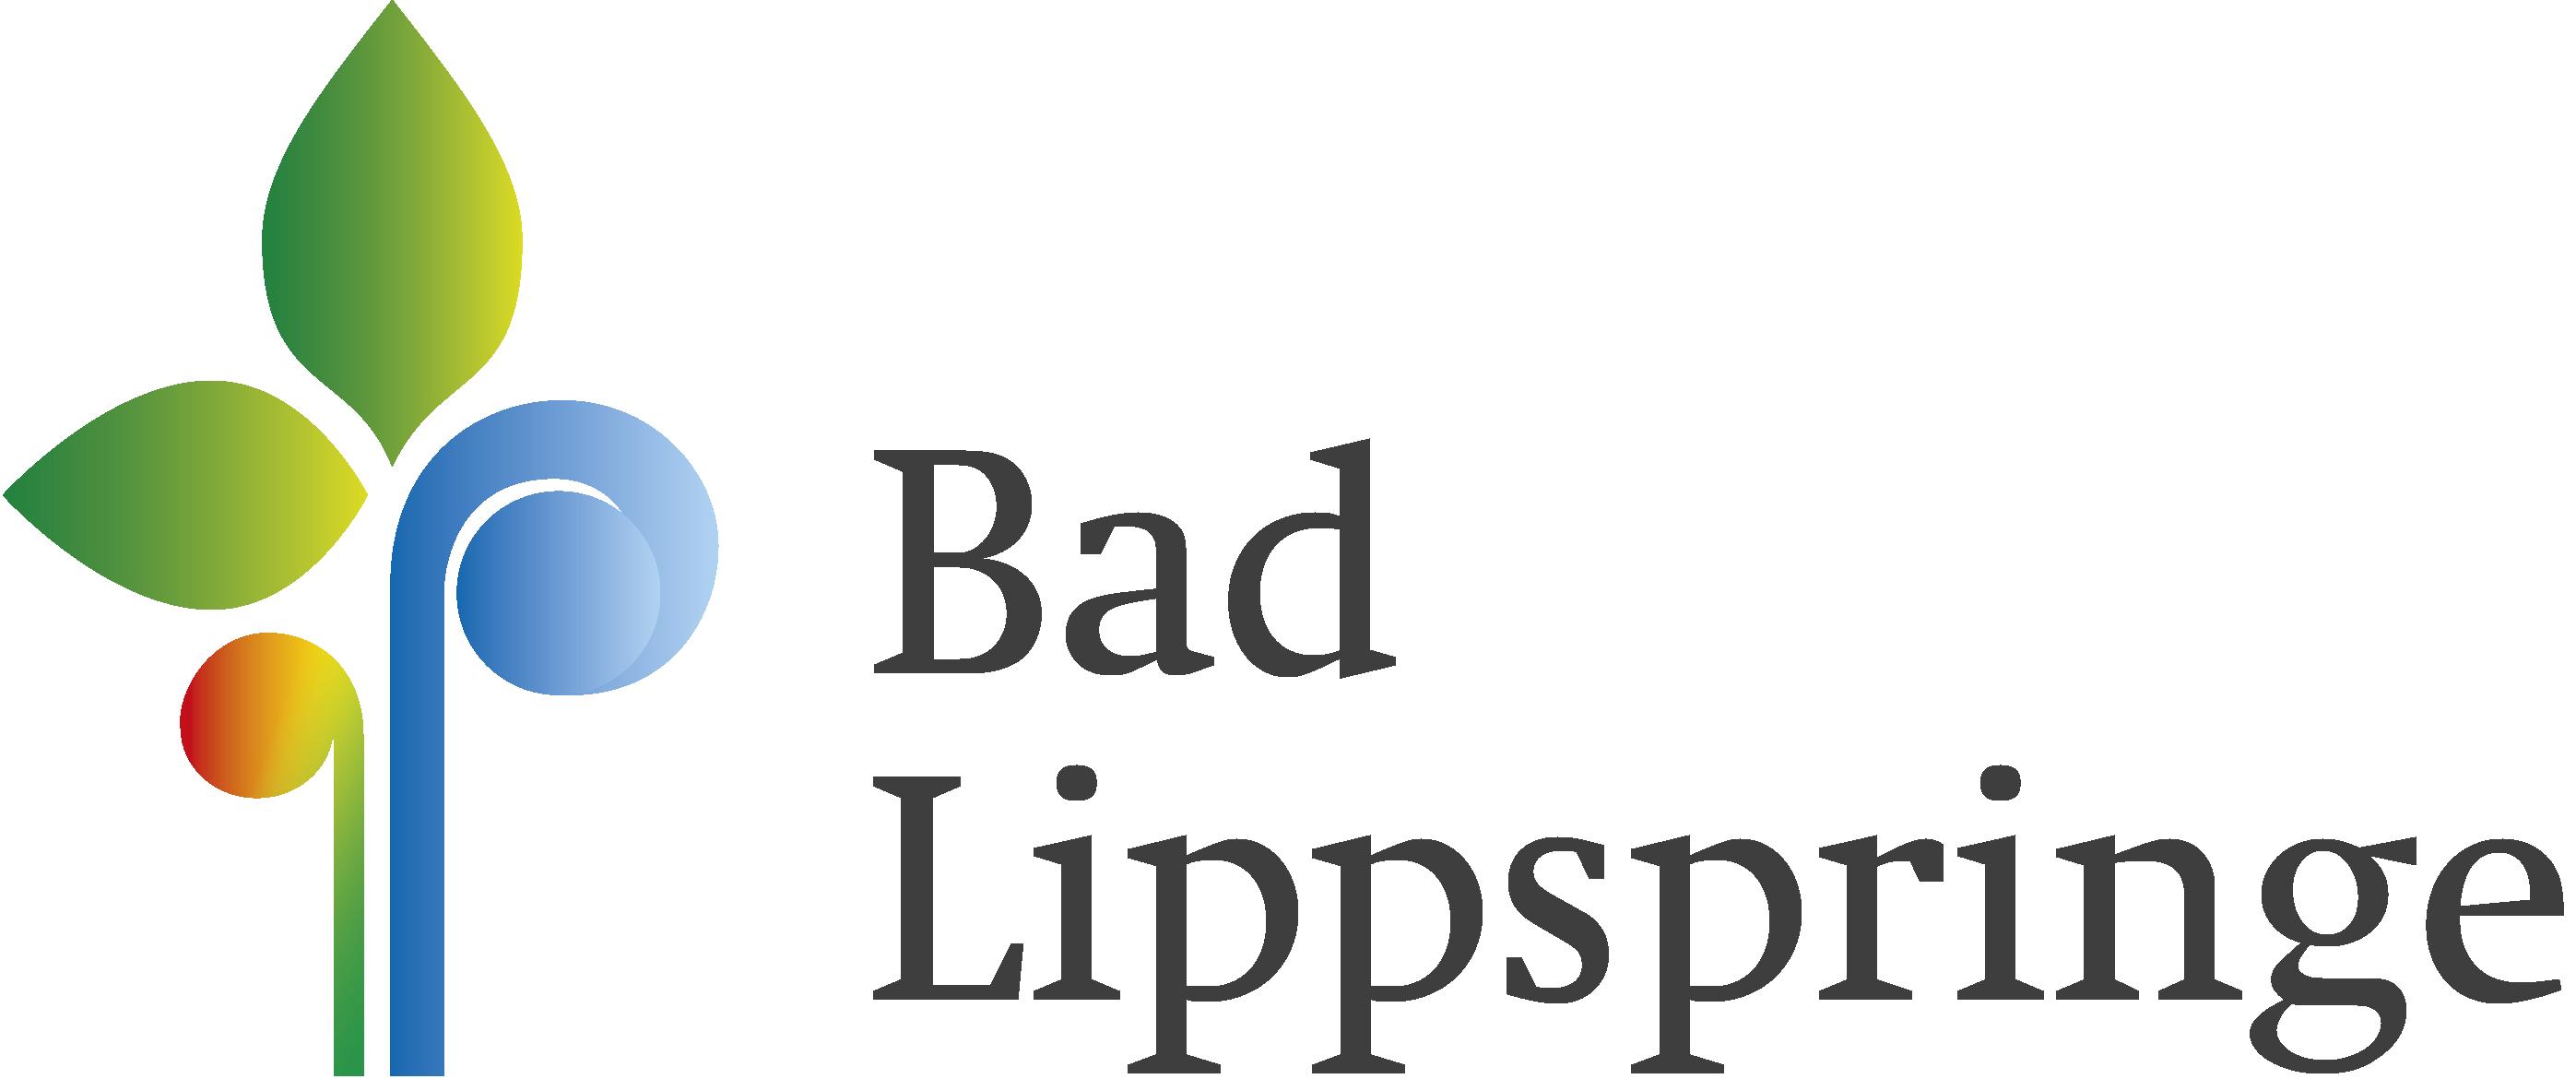 Wappen von Bad Lippspringe